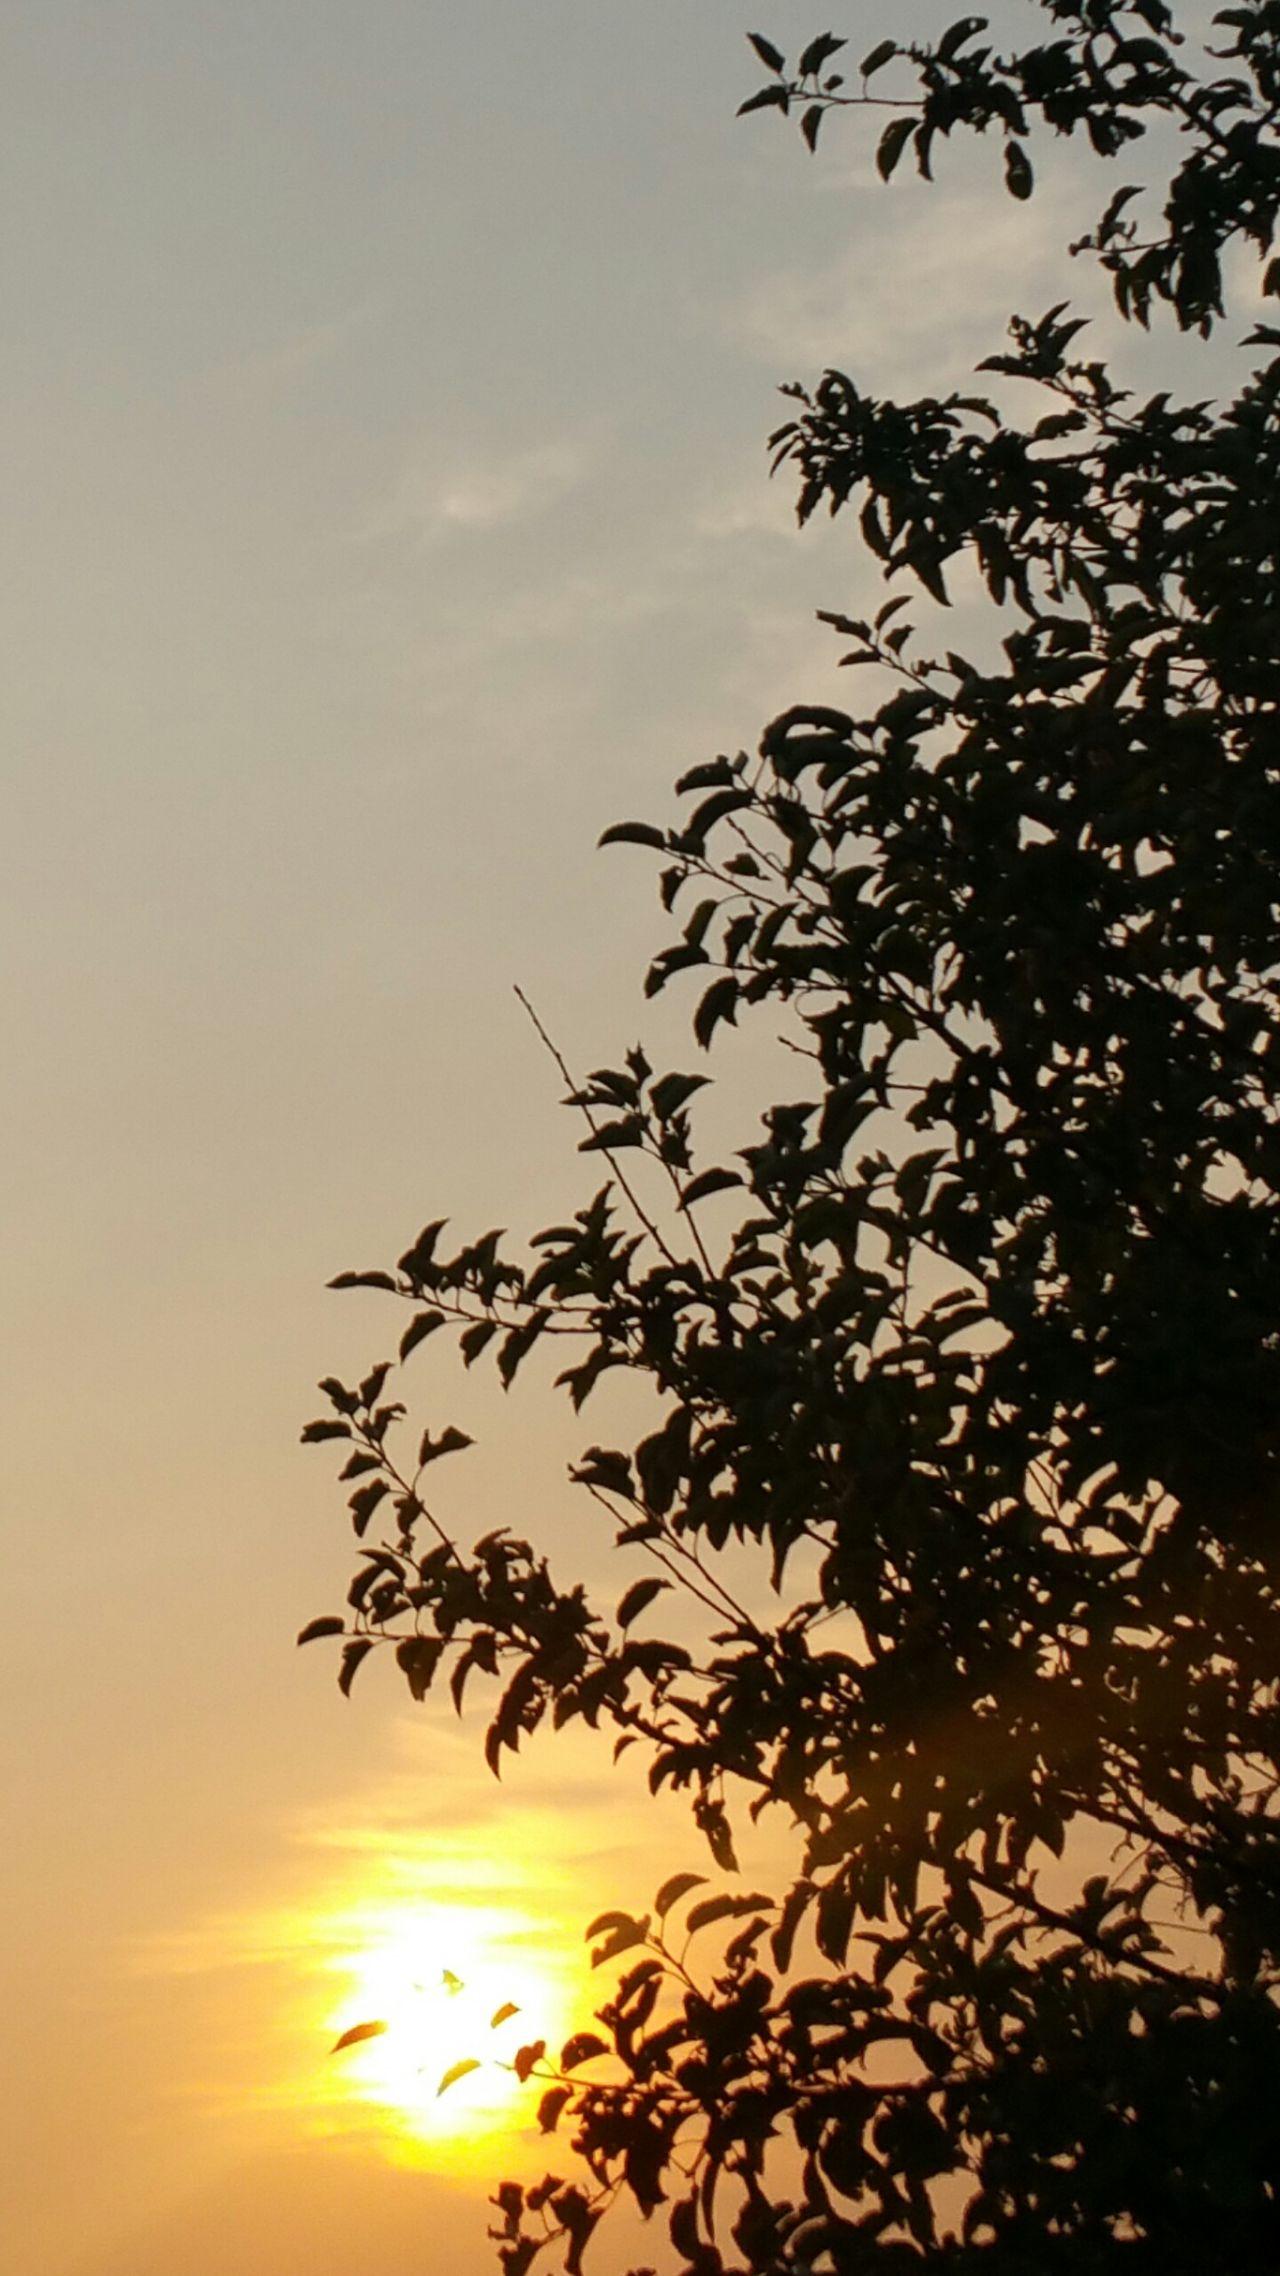 Sunrising Slight Bit Of Haze Beautiful And Bright Sunrise Yellow Orange sunrising behind and through the tree